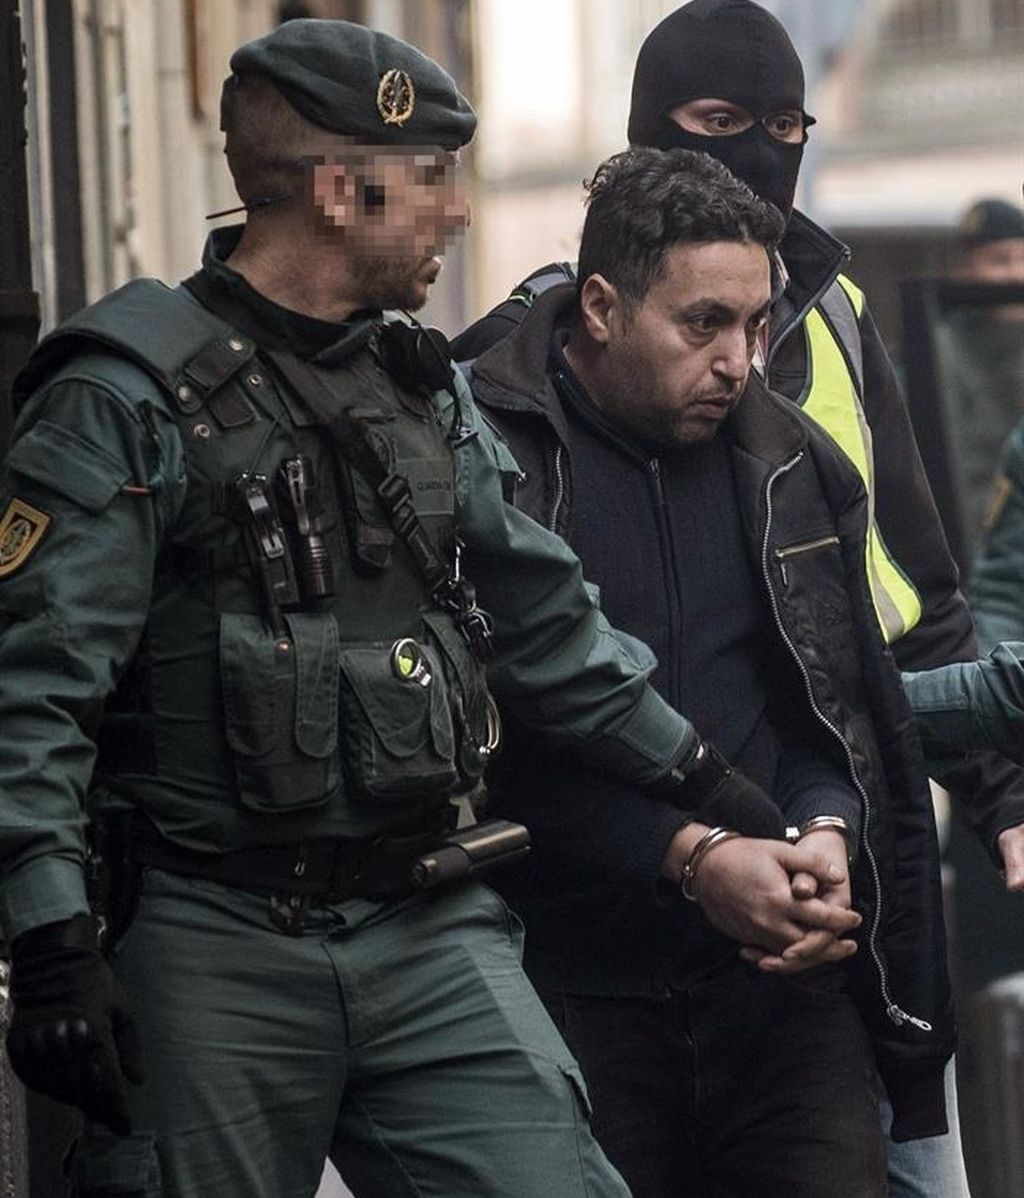 Detenido un hombre en Bilbao por supuestos vínculos con el Daesh